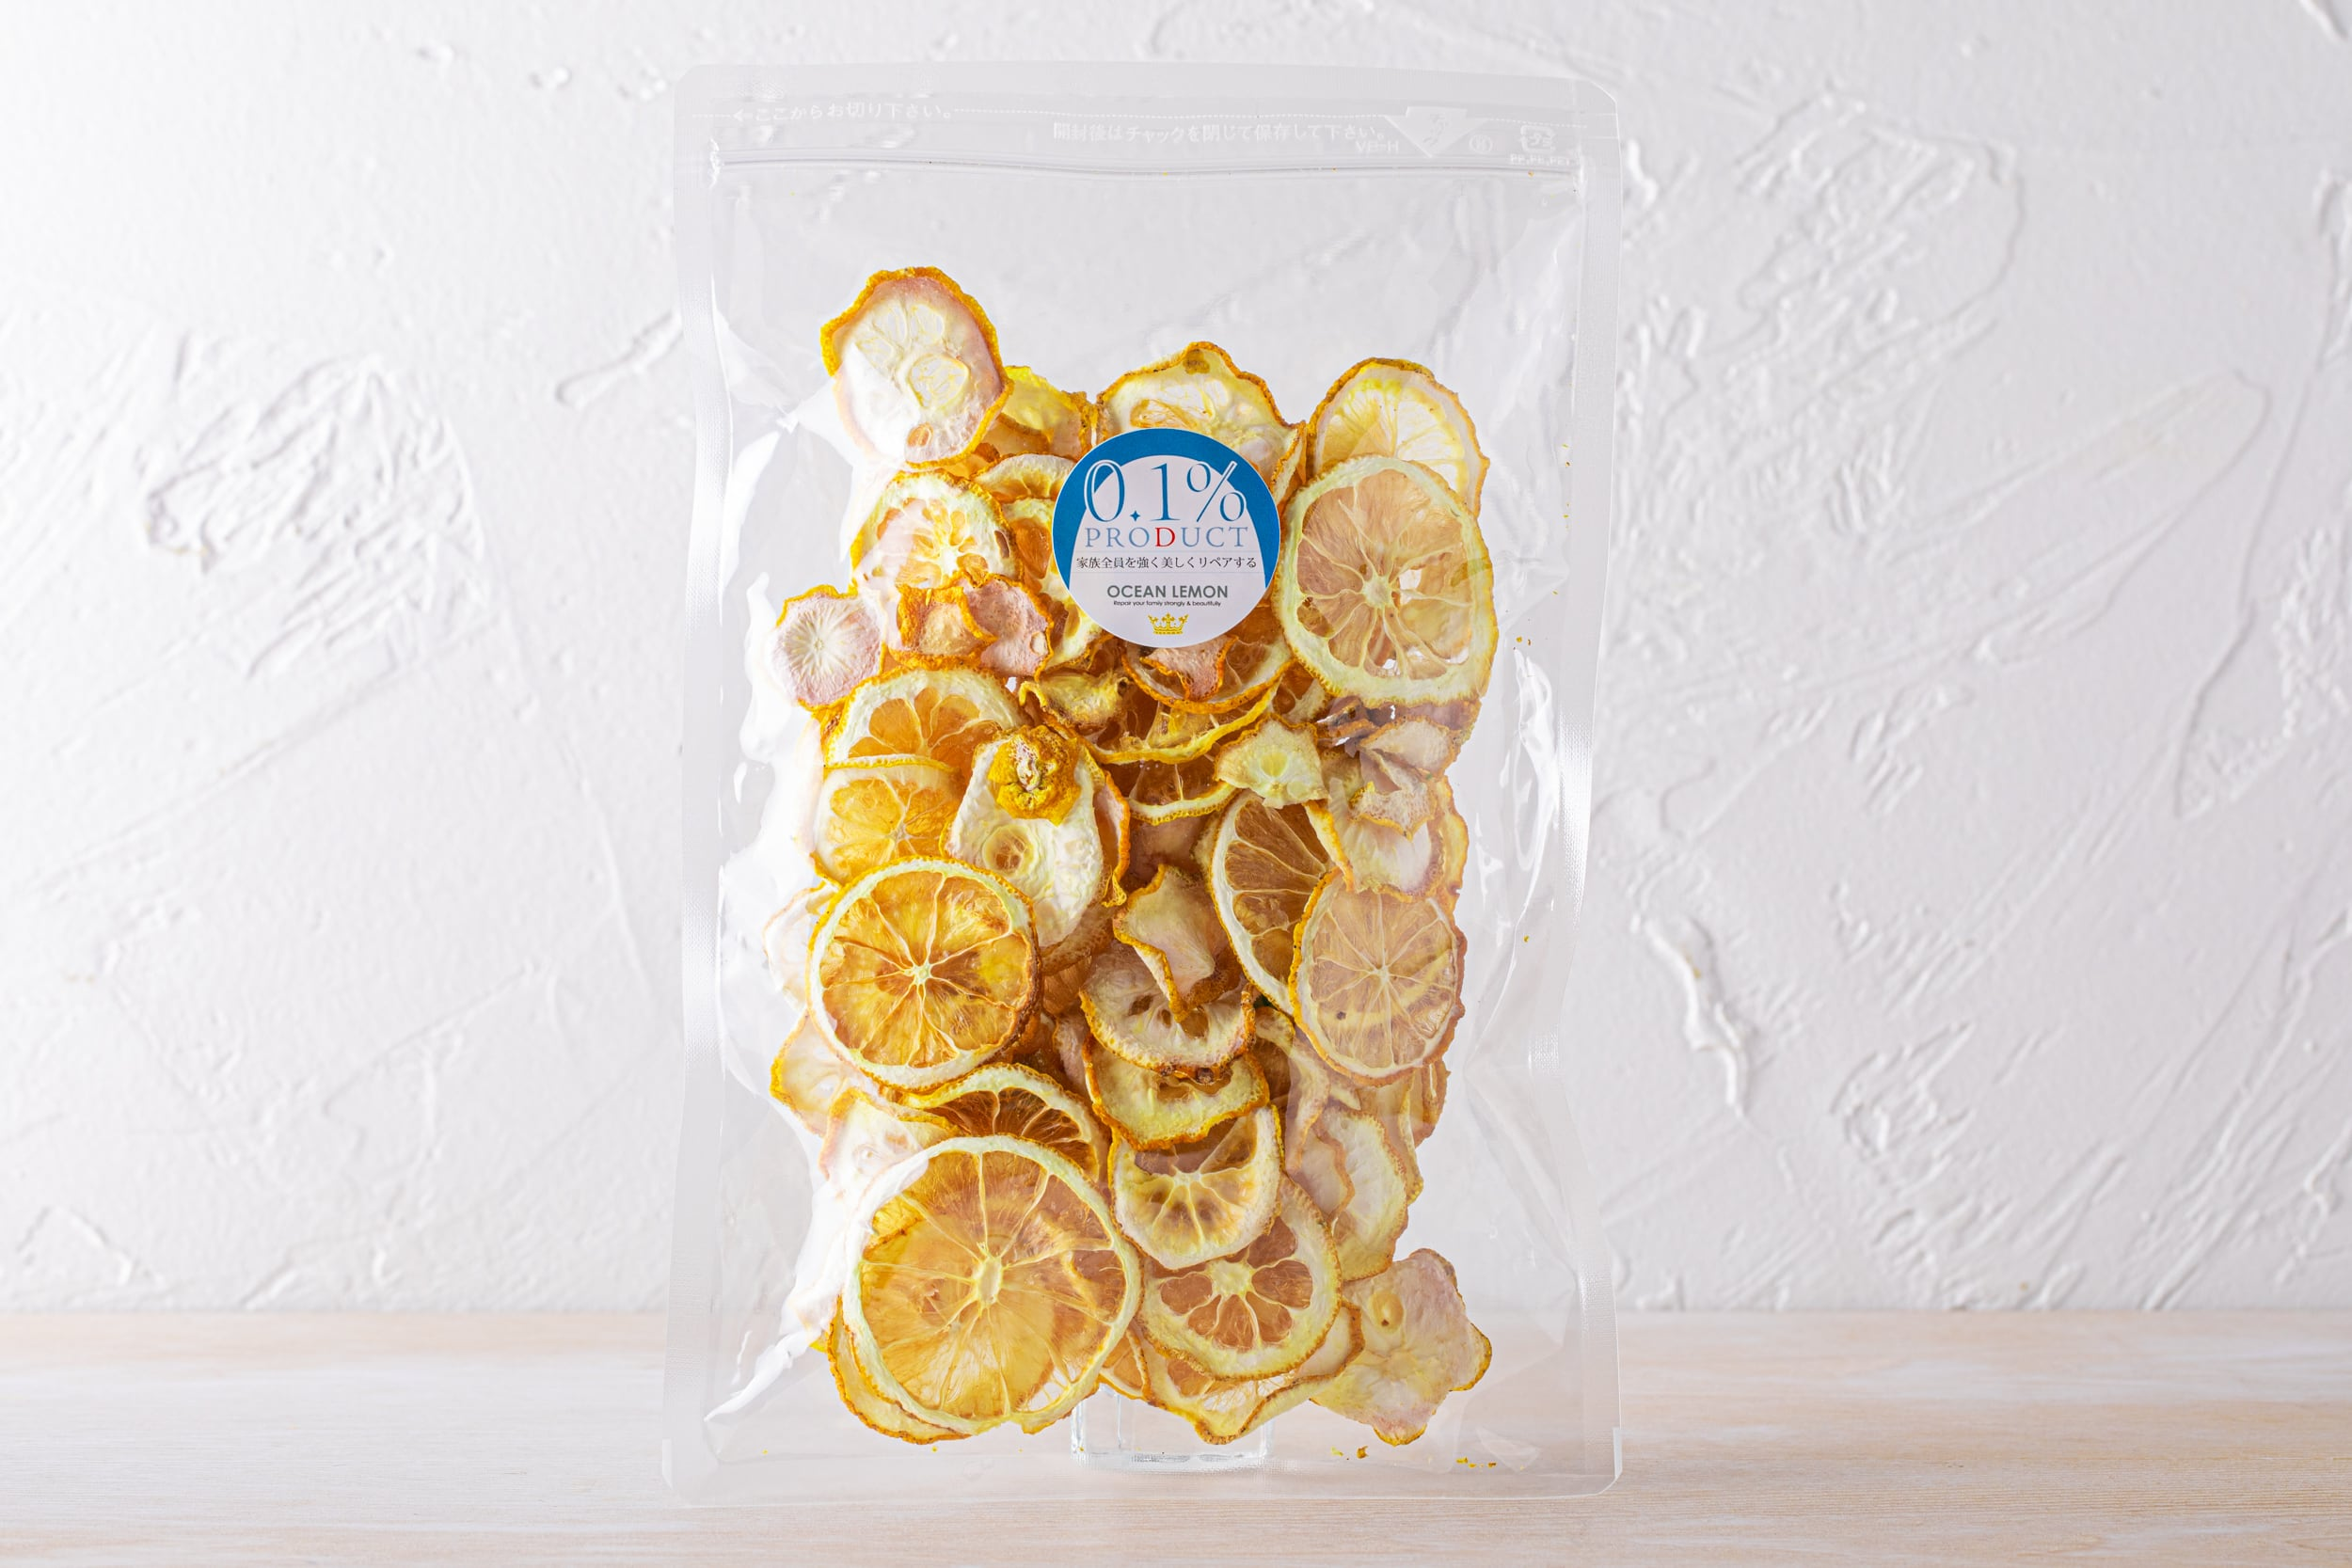 次回1月3日販売予定・アウトレット:オーシャンレモンドライ(無糖・40度乾燥)